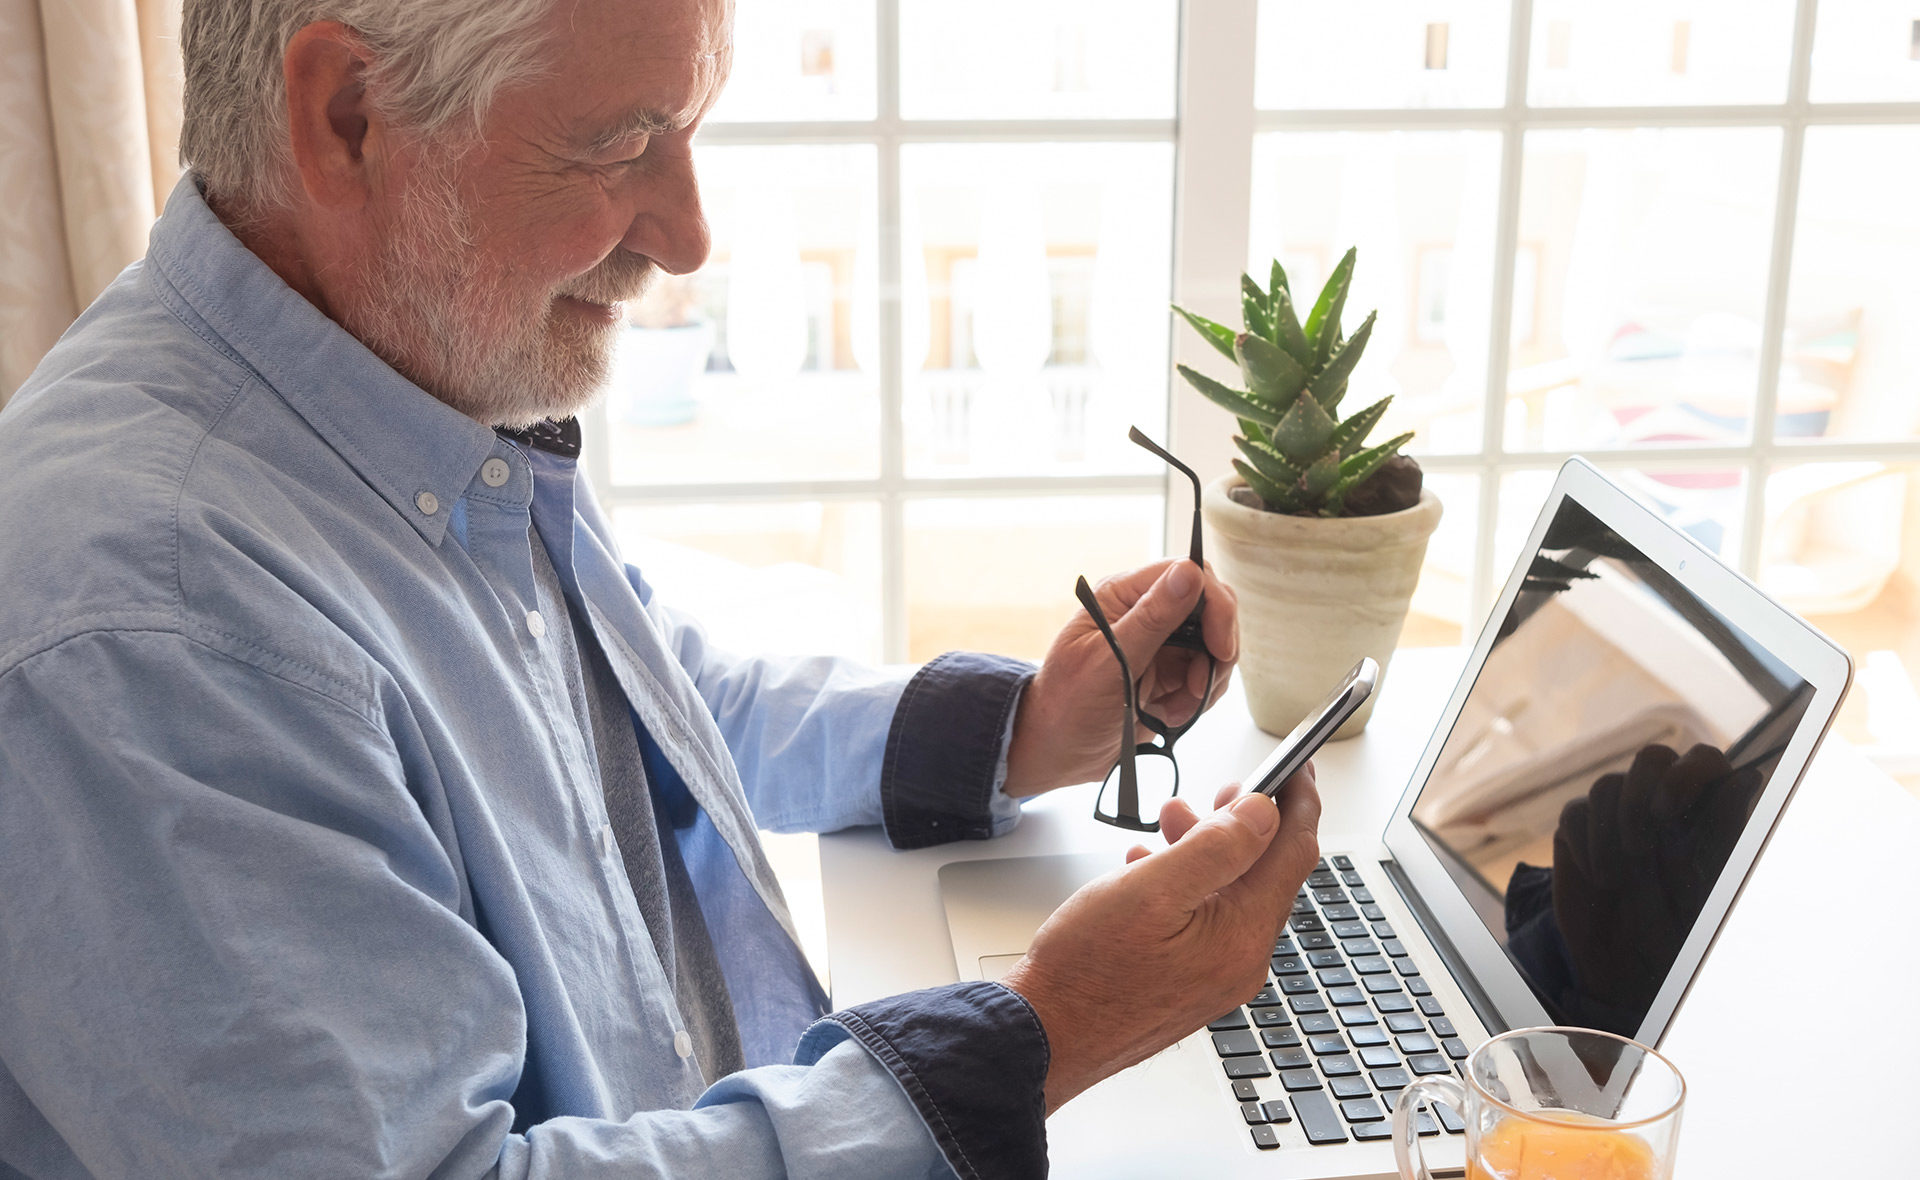 BBVA-garanti-digitalizacion-covid-madruez-tecnologias-mayores-brecha-digital-portatil-hombre-edad